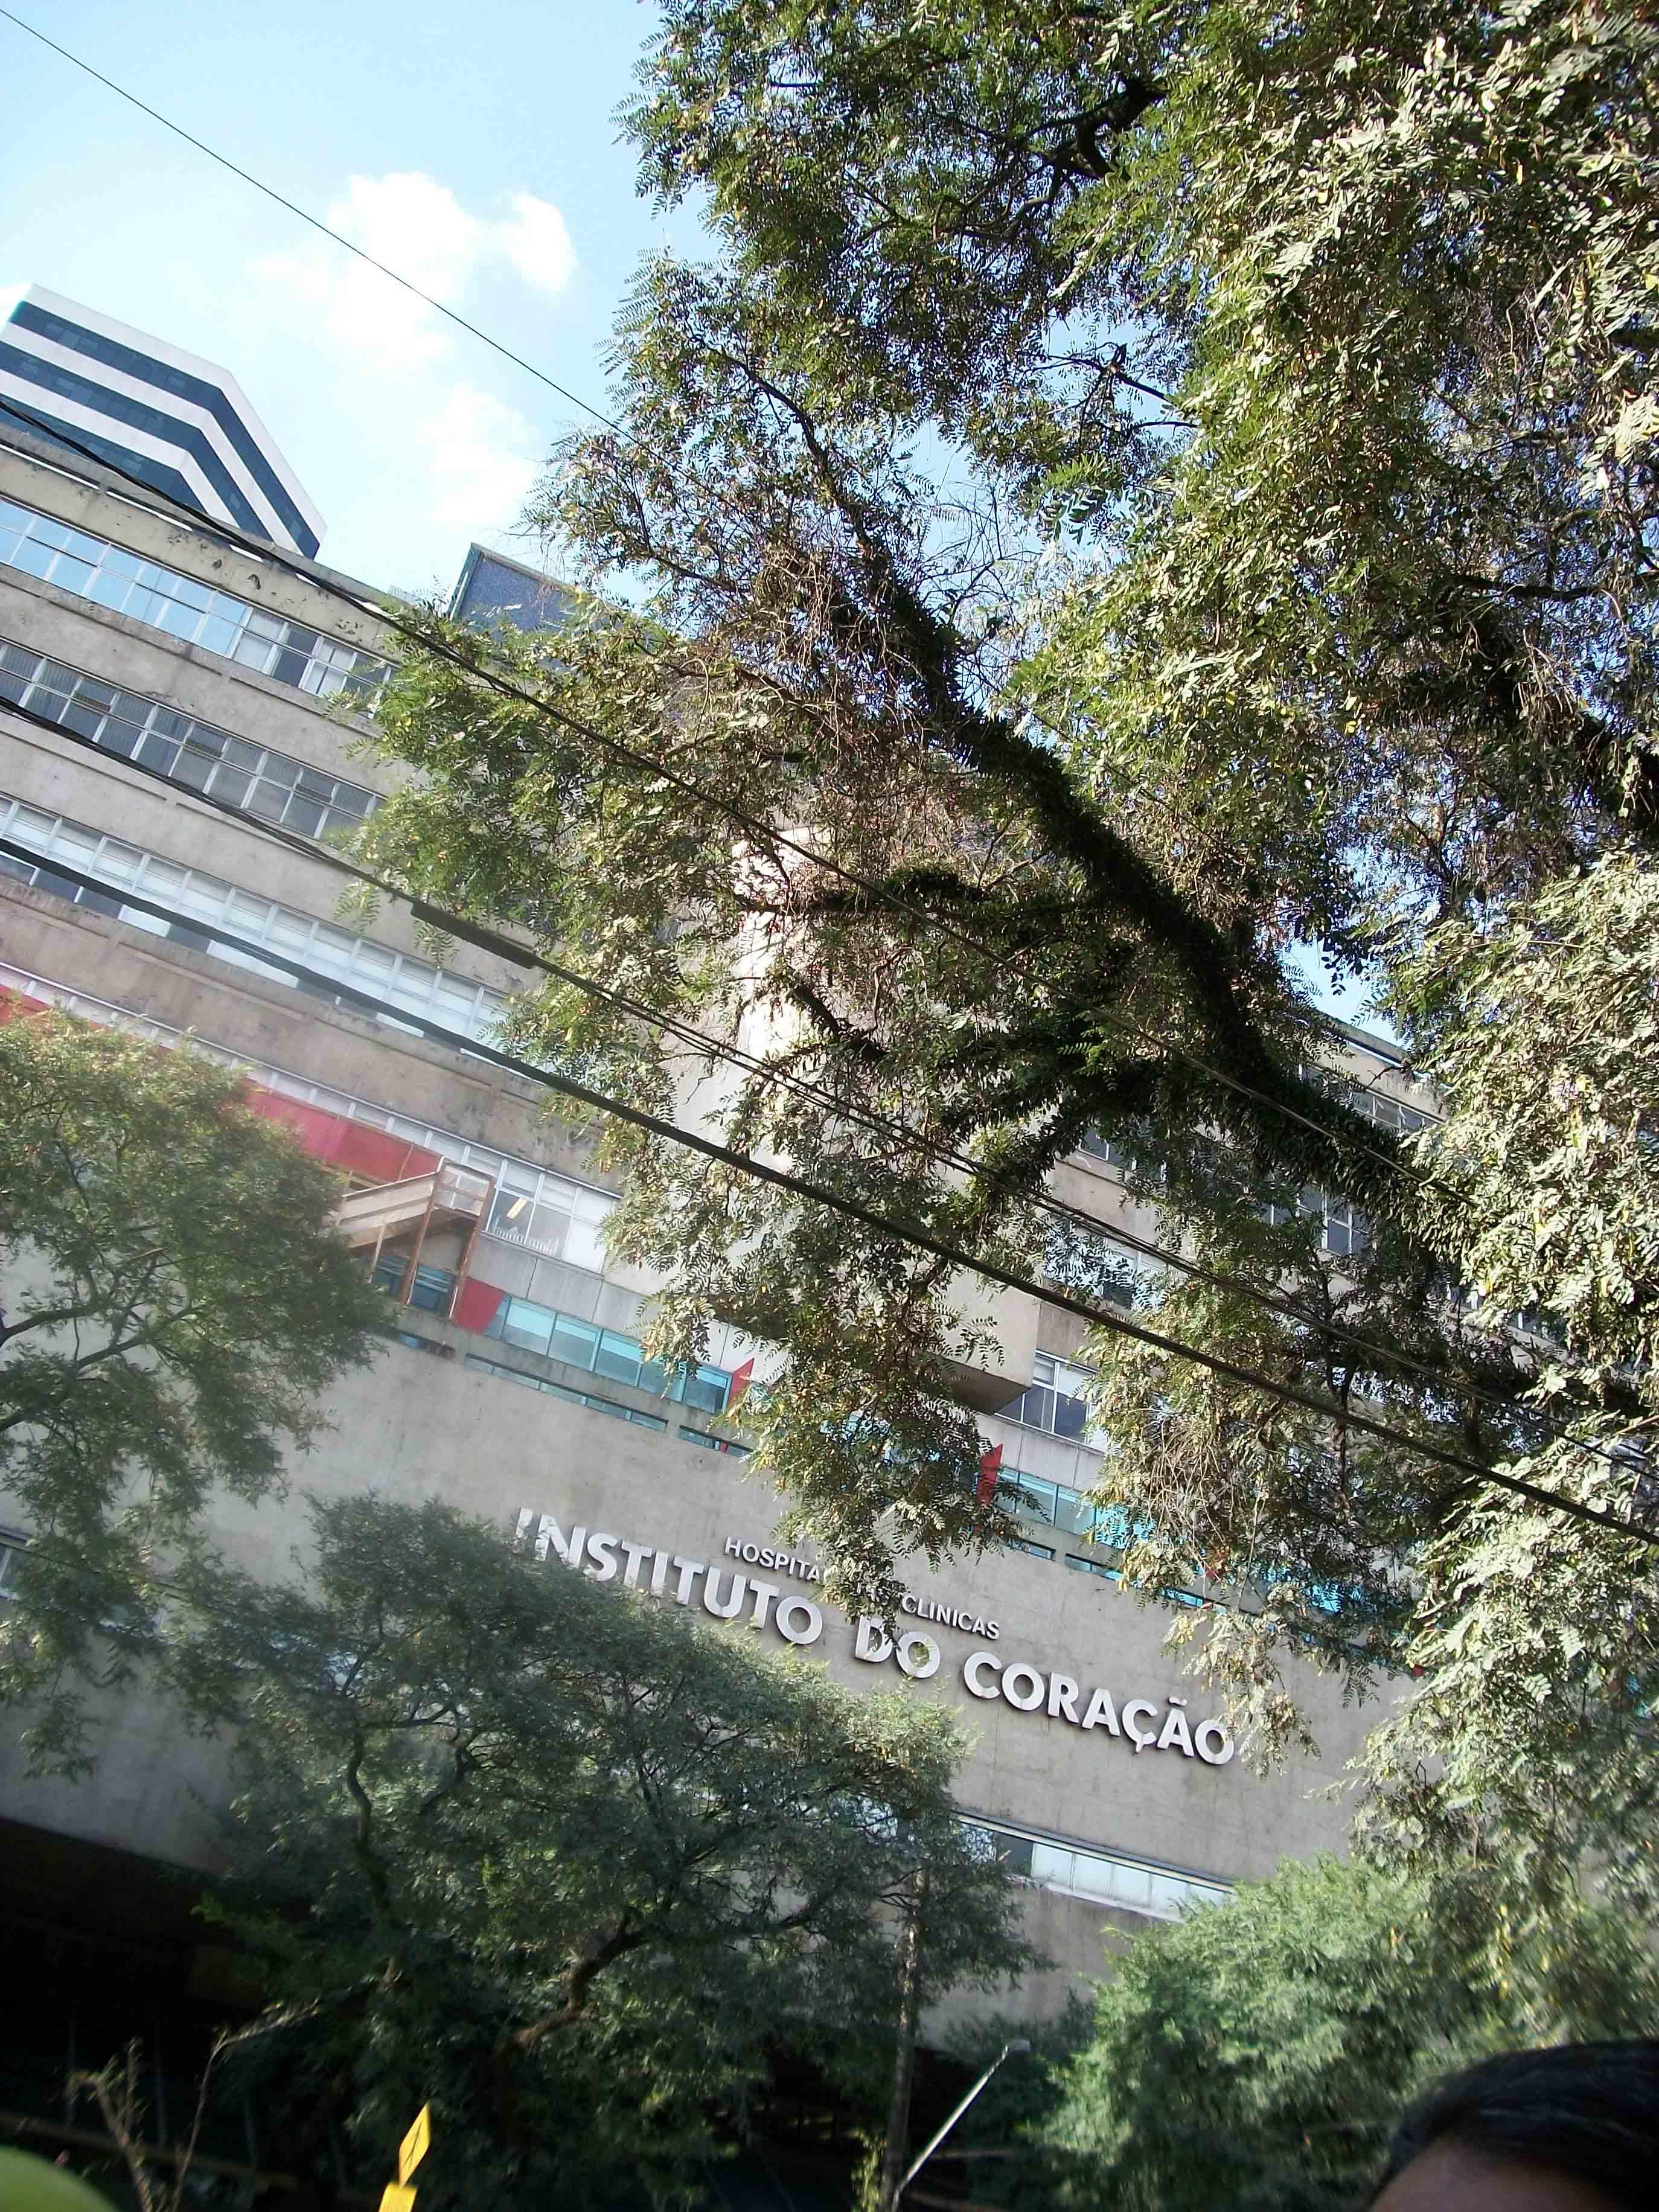 Veja o que saiu no Migalhas sobre Instituto do Coração do Hospital das Clínicas da FMUSP